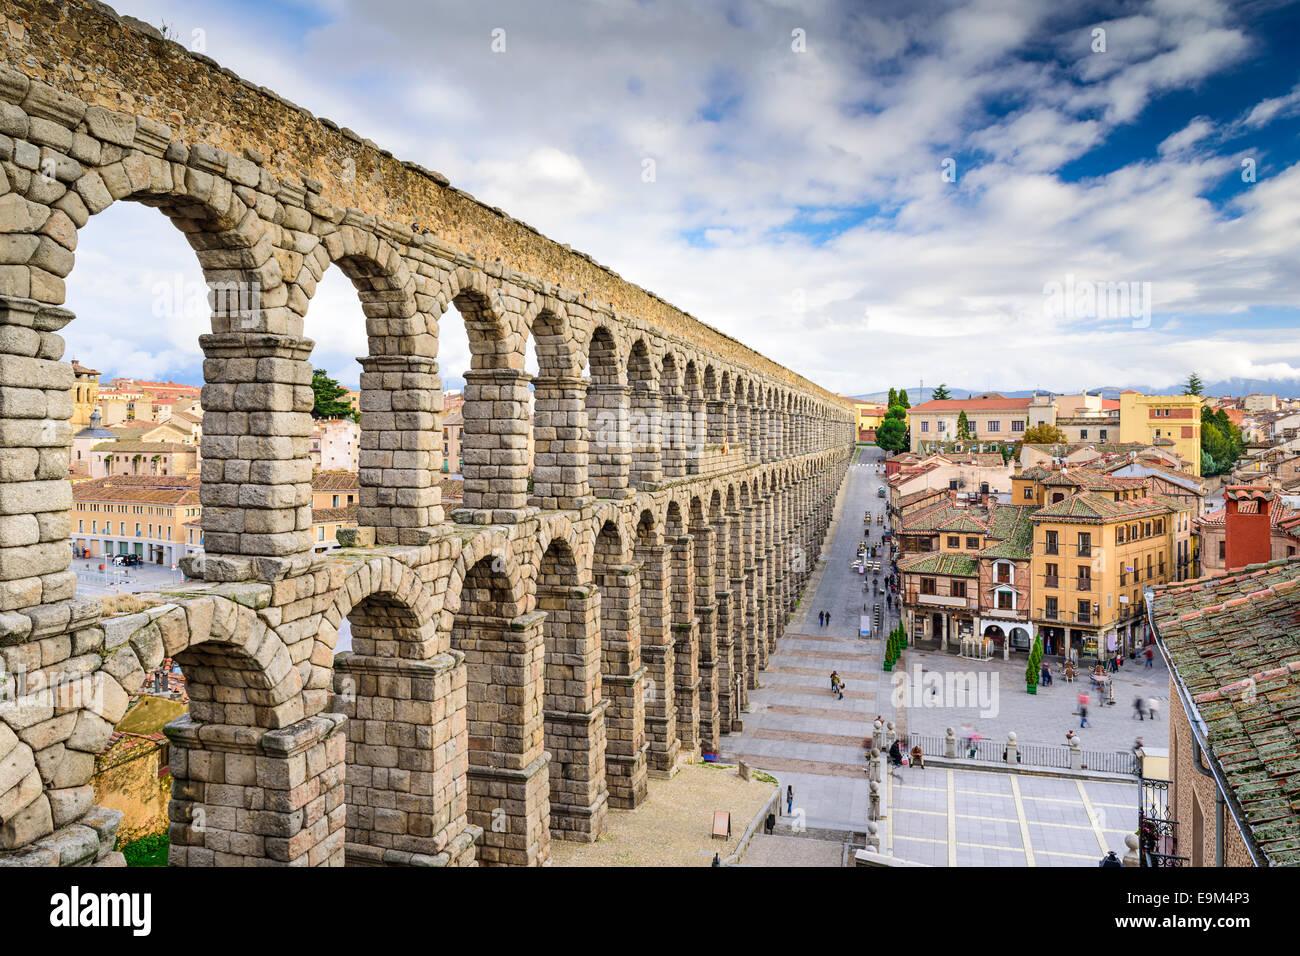 Segovia, Spagna all'antico acquedotto romano. Immagini Stock